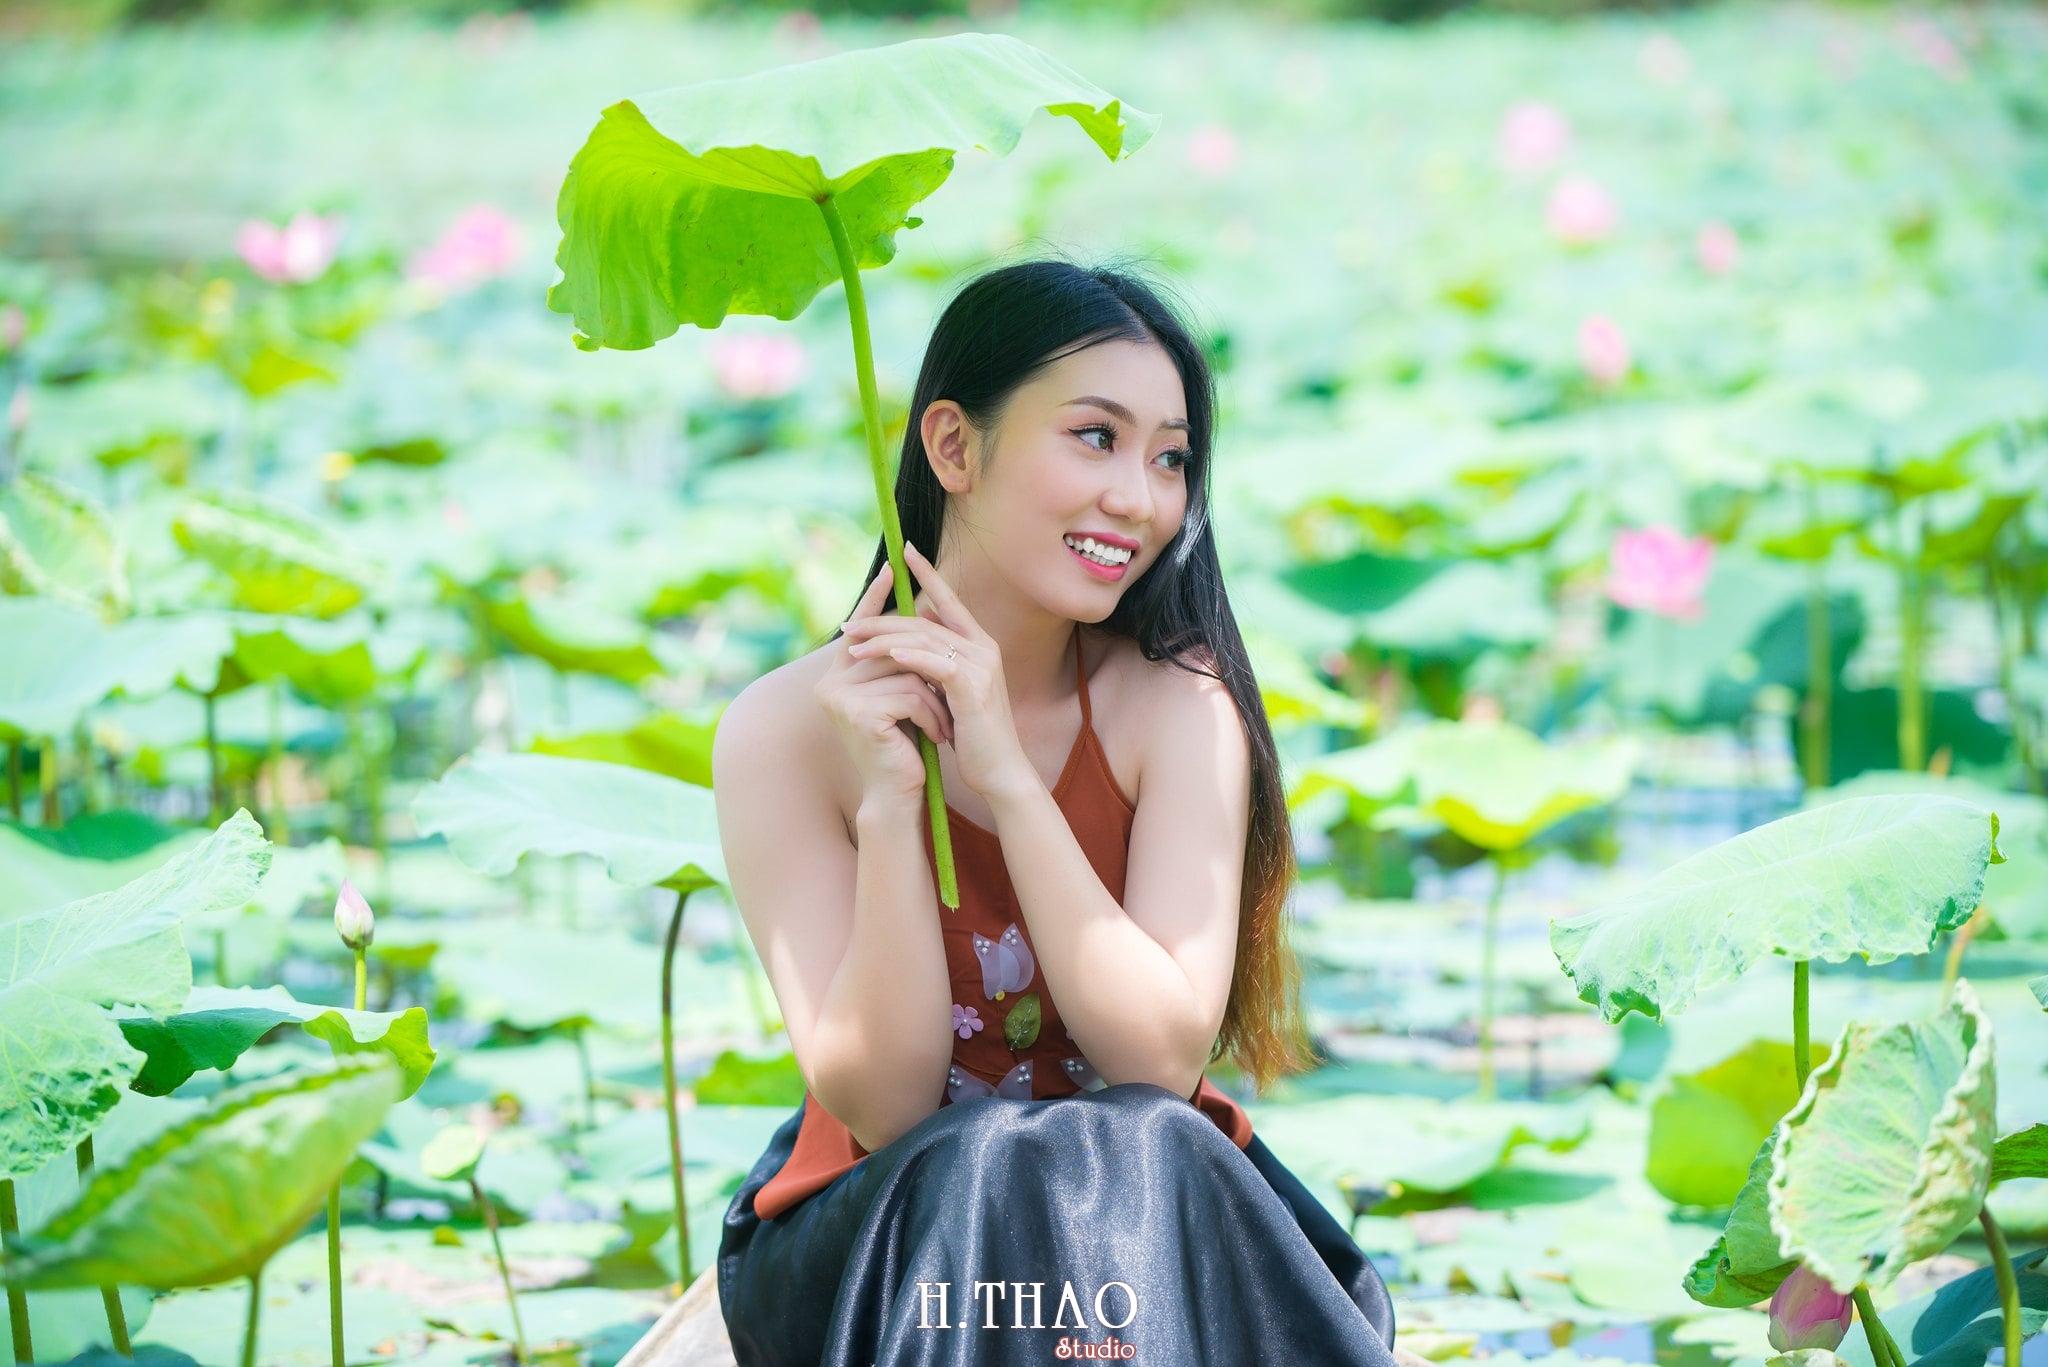 ao yem hoa sen 2 - Album ảnh chụp áo yếm với hoa sen đẹp dịu dàng - HThao Studio